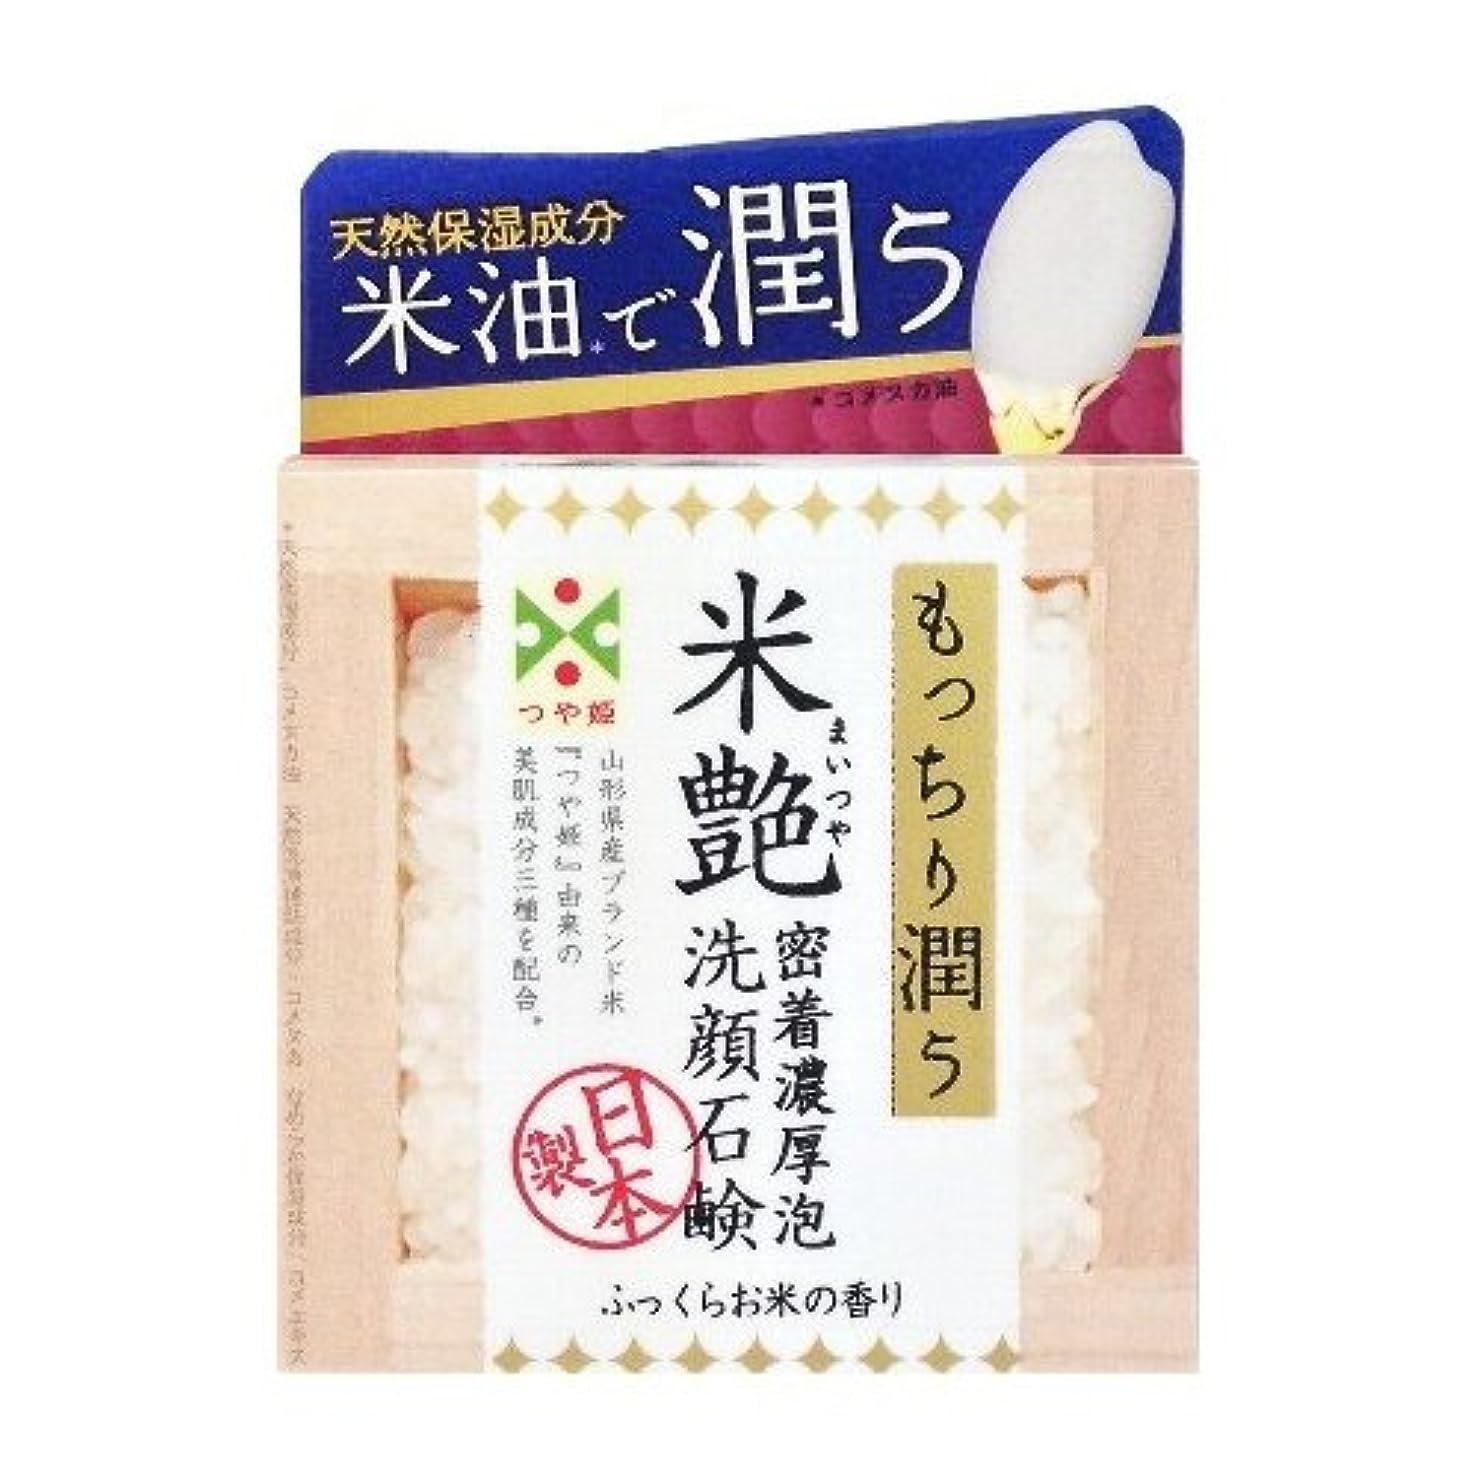 変装忌避剤論理的にペリカン石鹸 米艶洗顔石鹸 100g